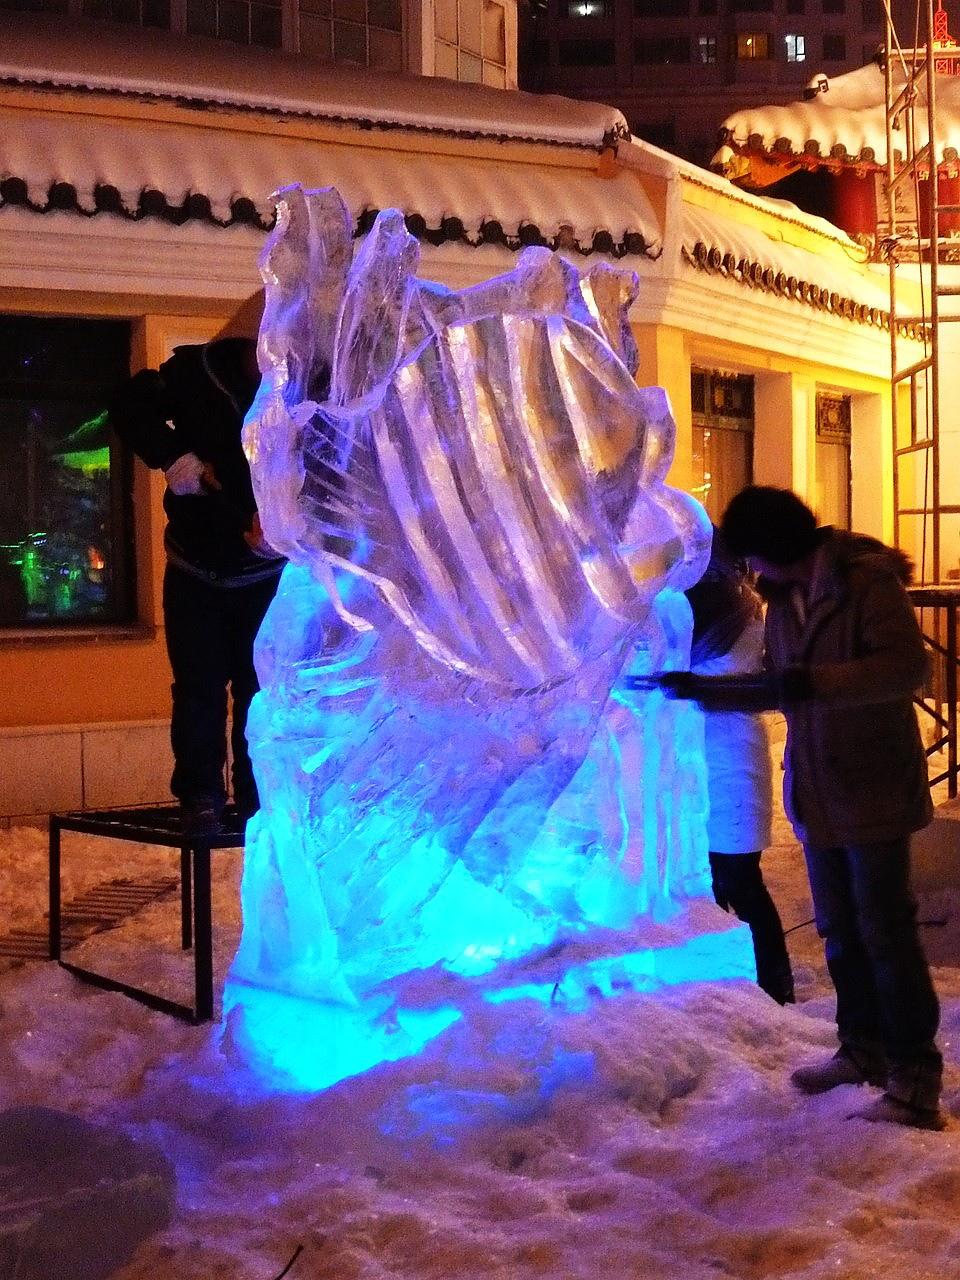 因為還在試營運,所以到處可見工作人員趕工雕冰雕